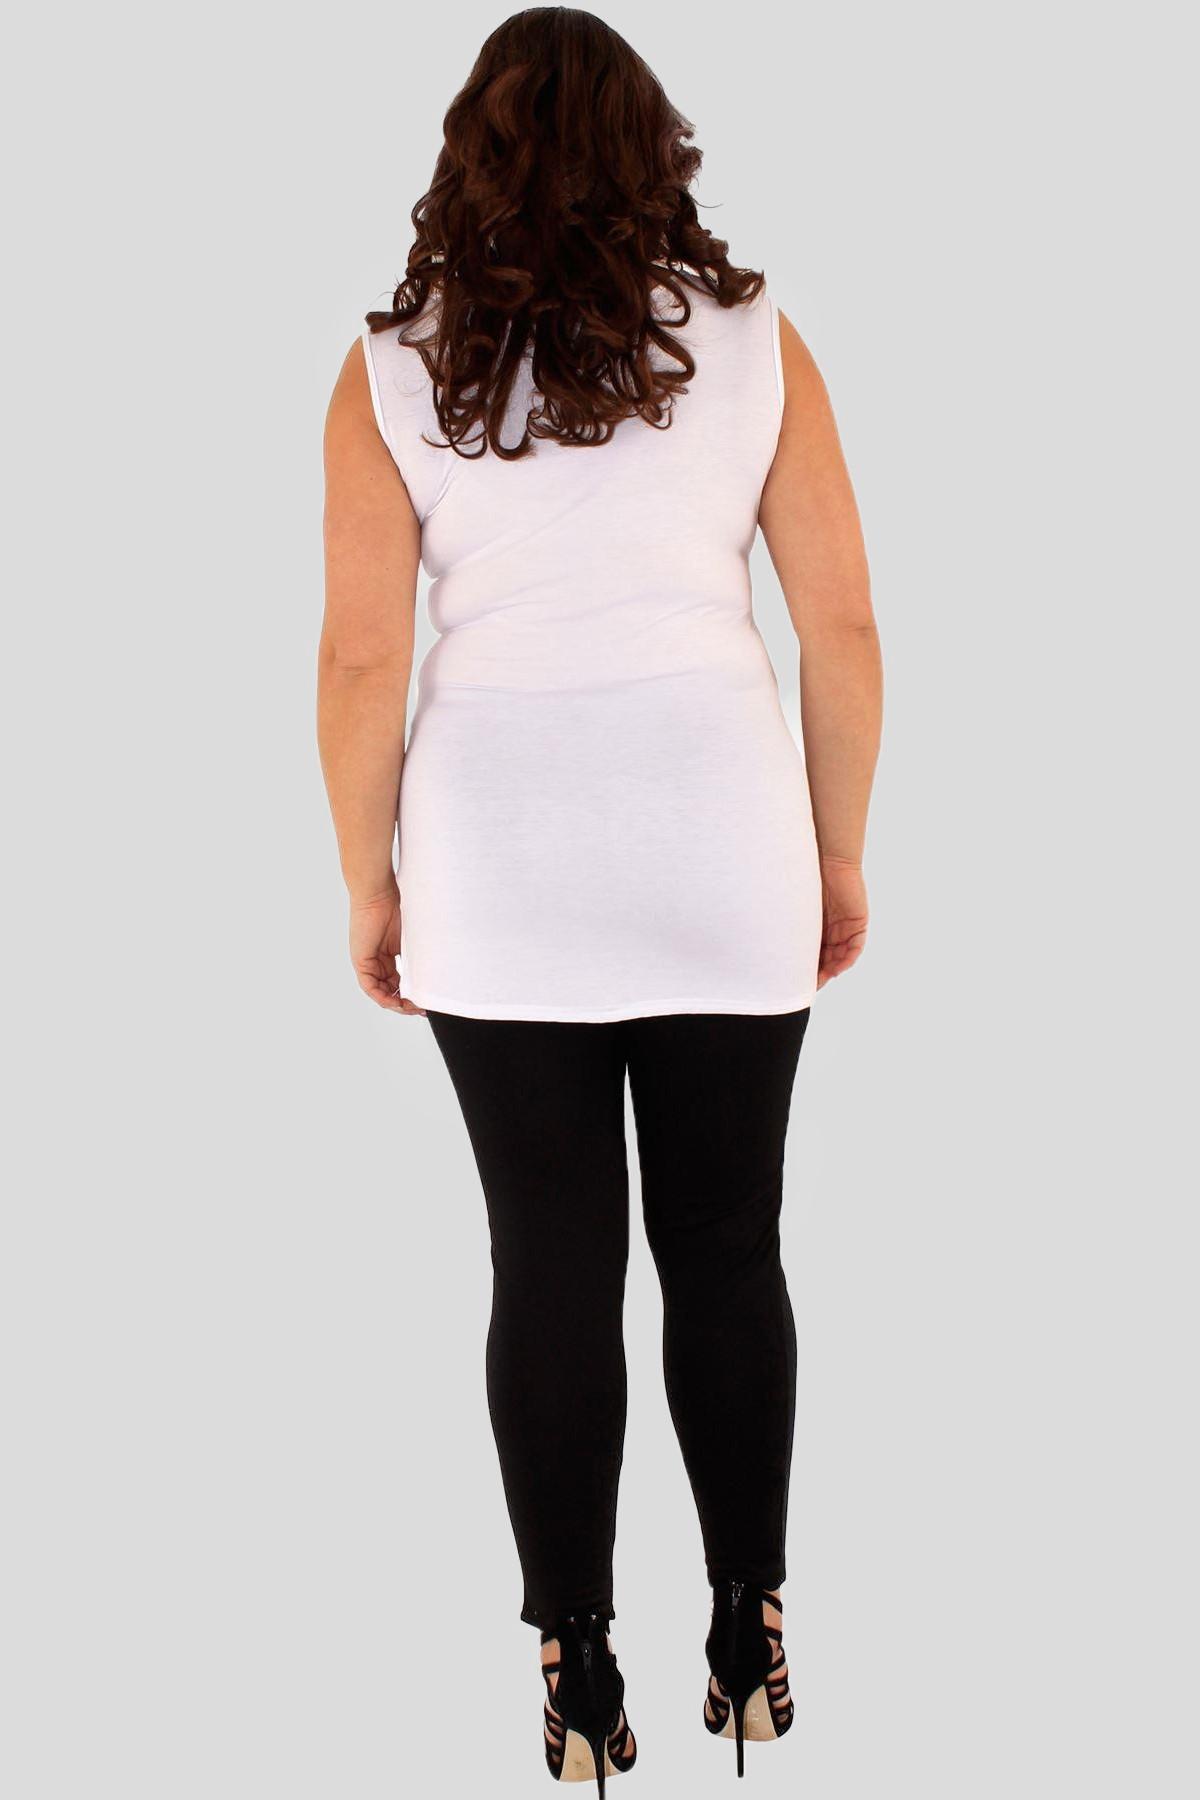 3b77b5f6ec361 Hannah Plus Size Milk Shake Sequin Vest Top 16-26. Sale